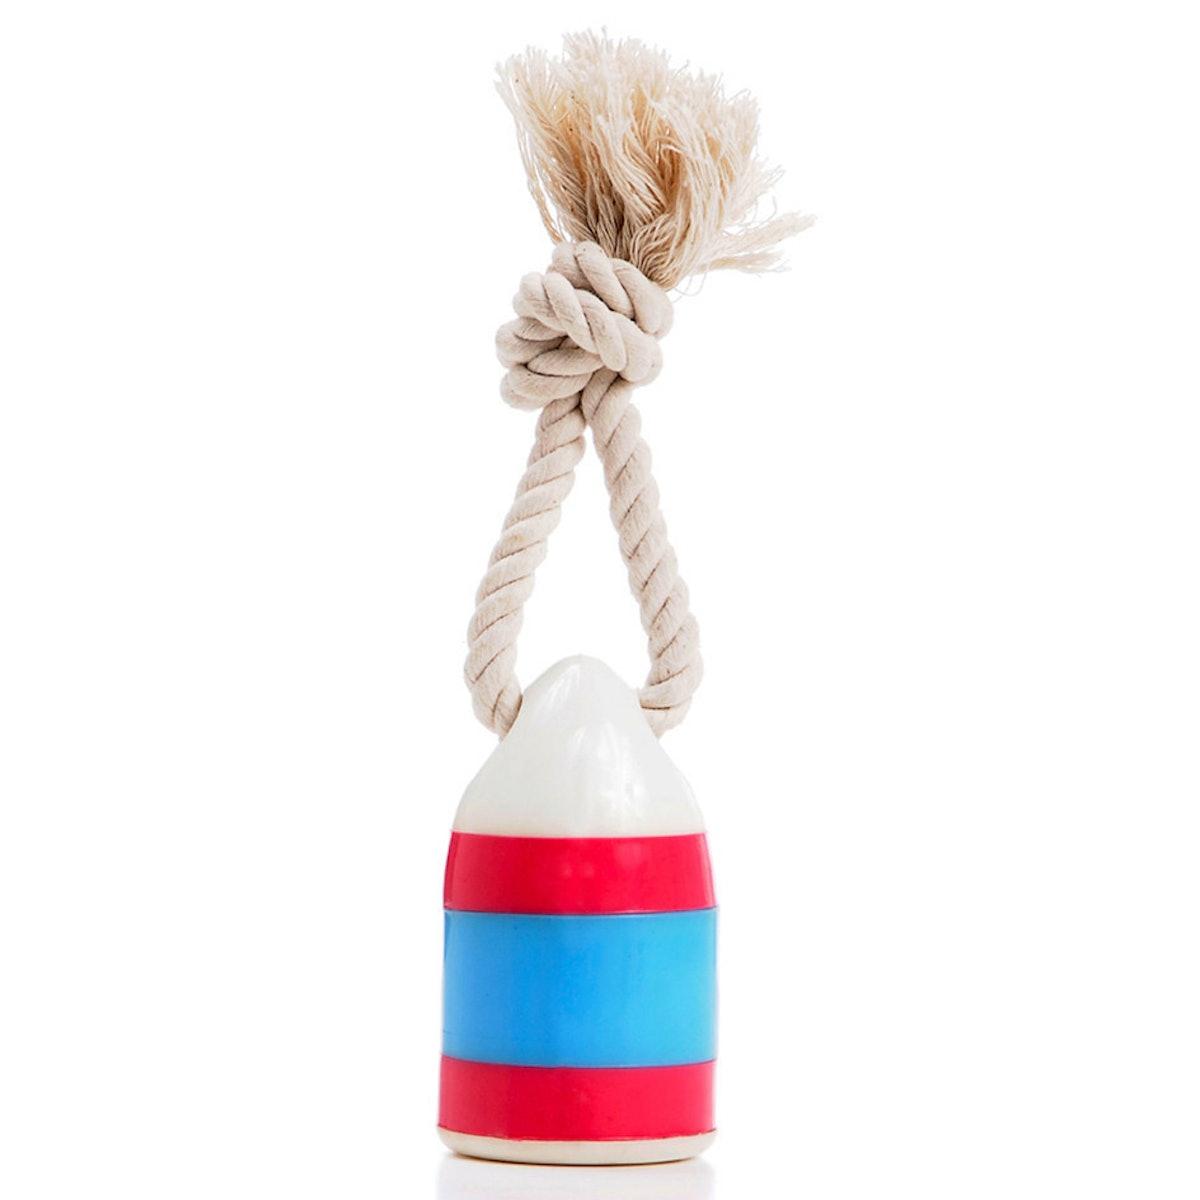 Waggo toy